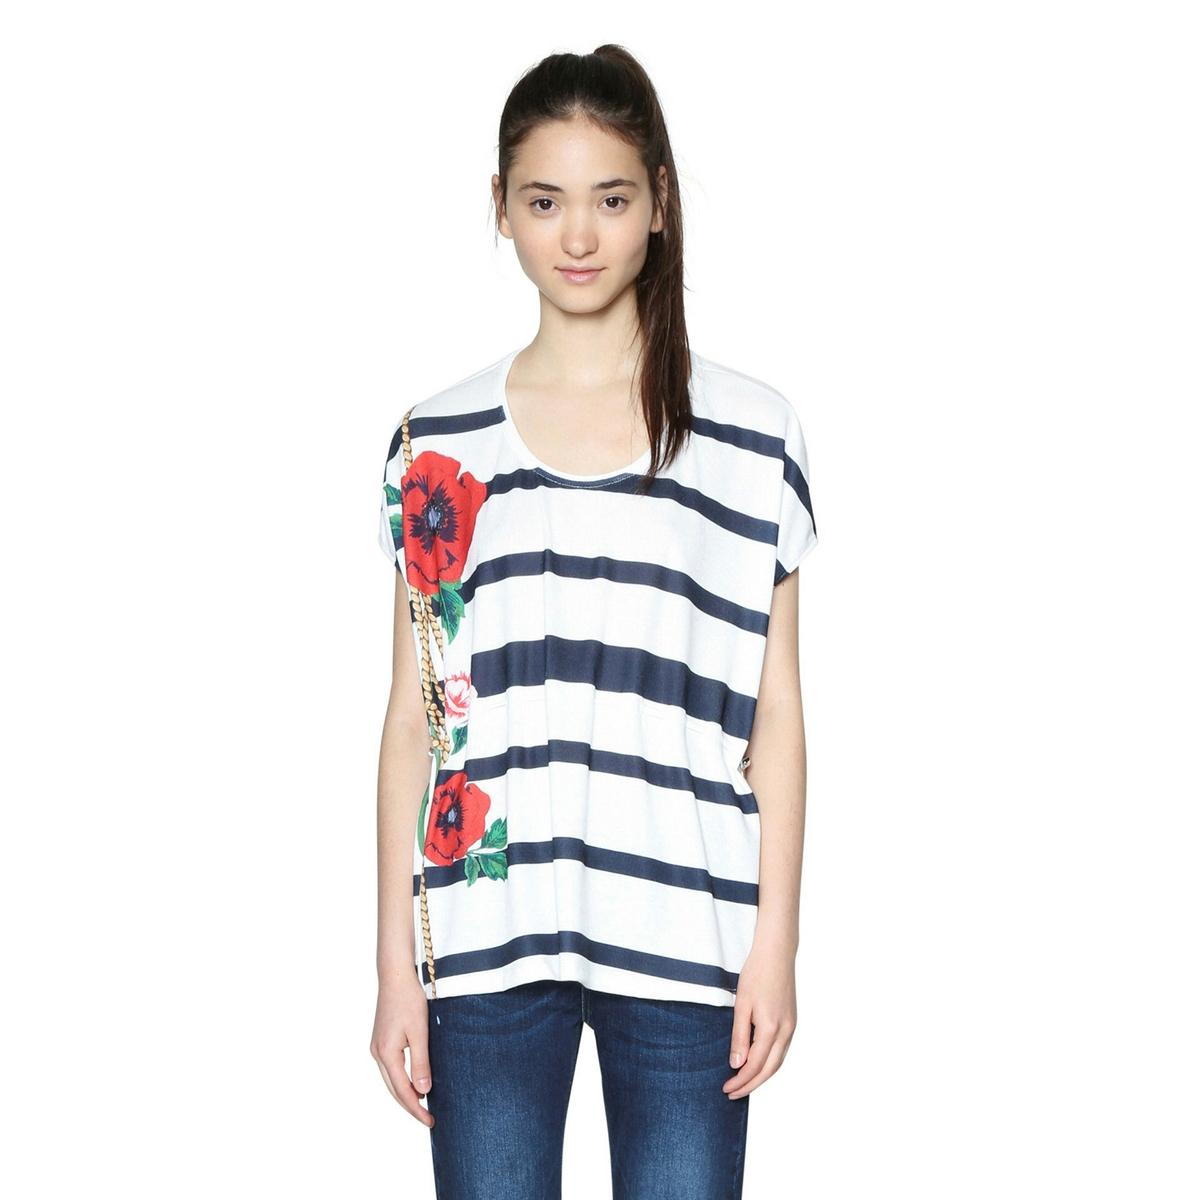 Camiseta estampada, cuello redondo, manga corta